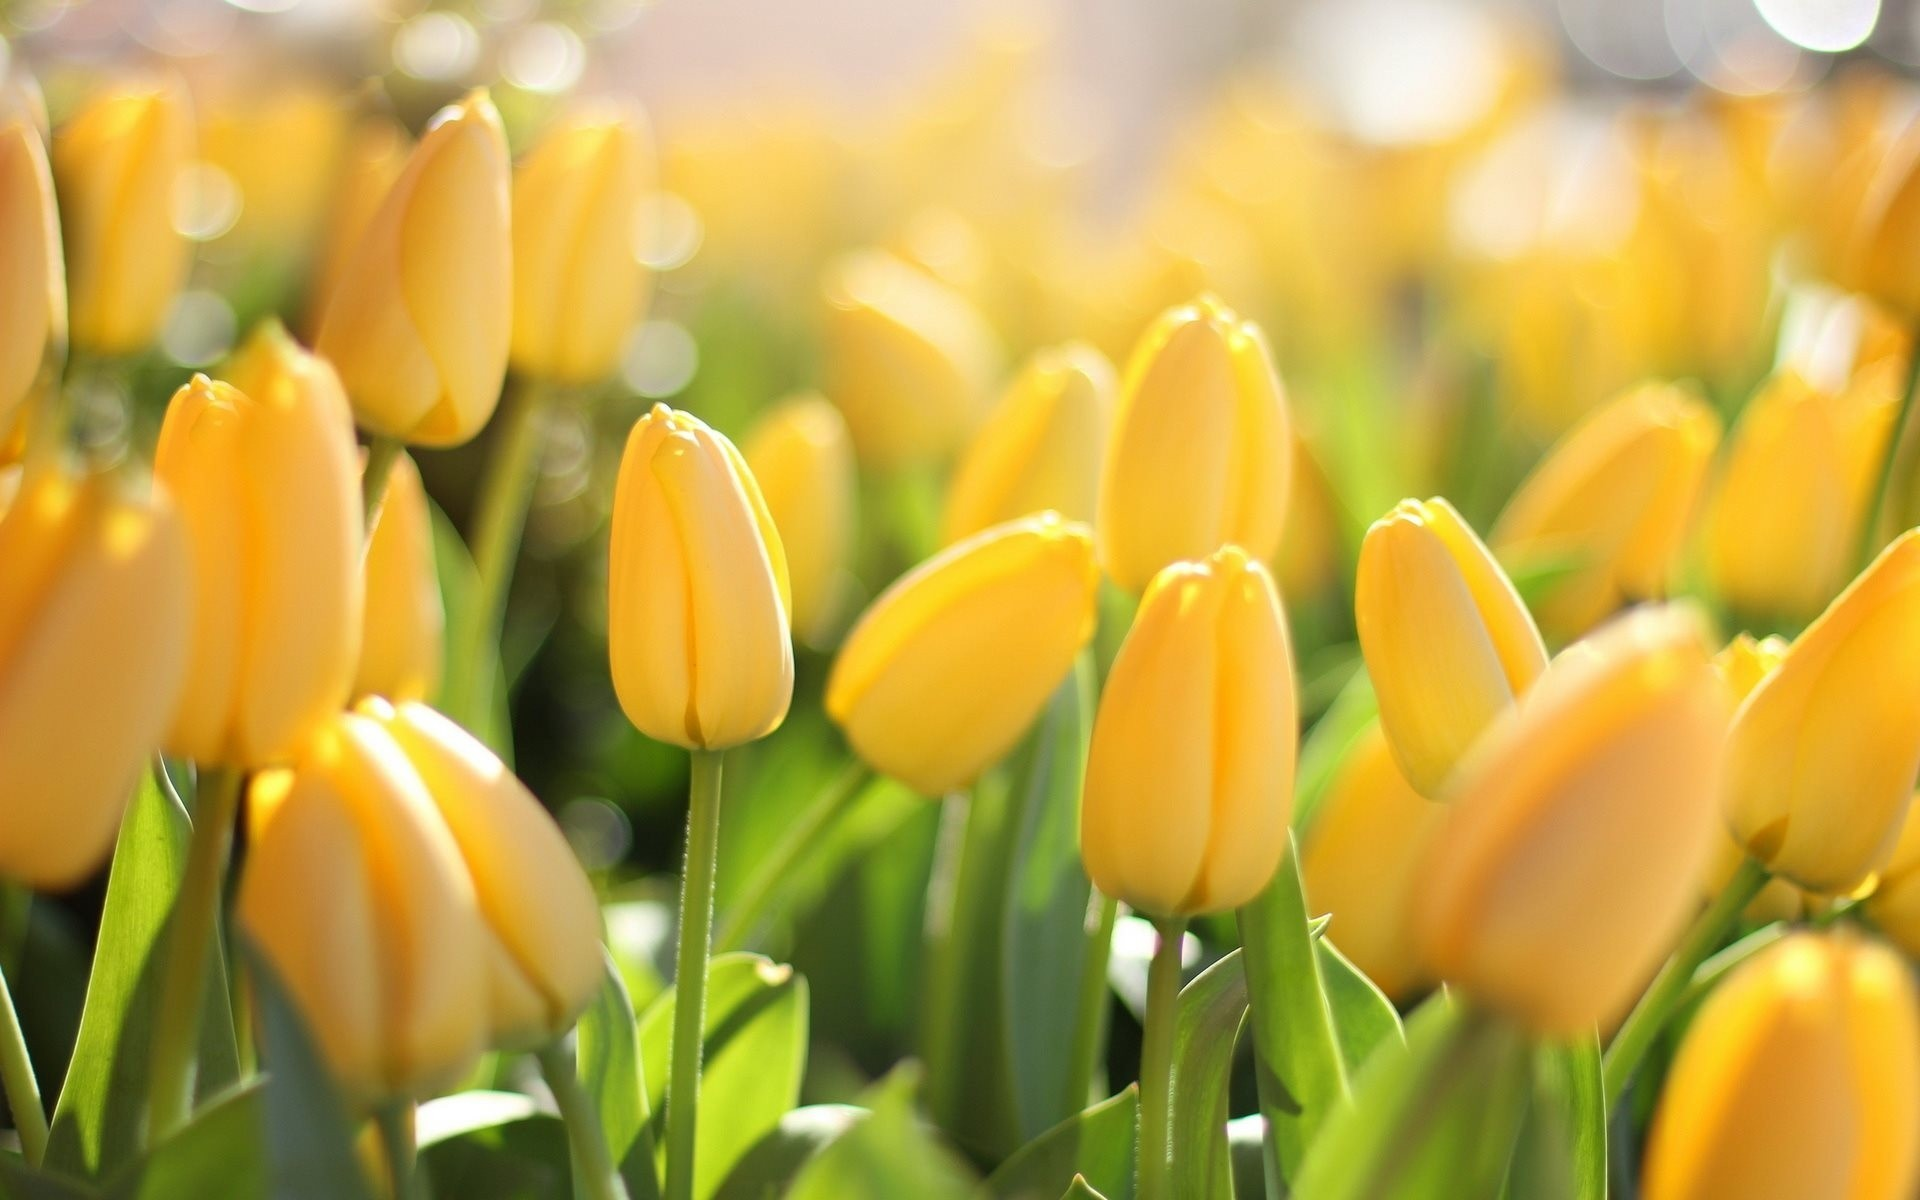 поляна из желтых тюльпанов бесплатно